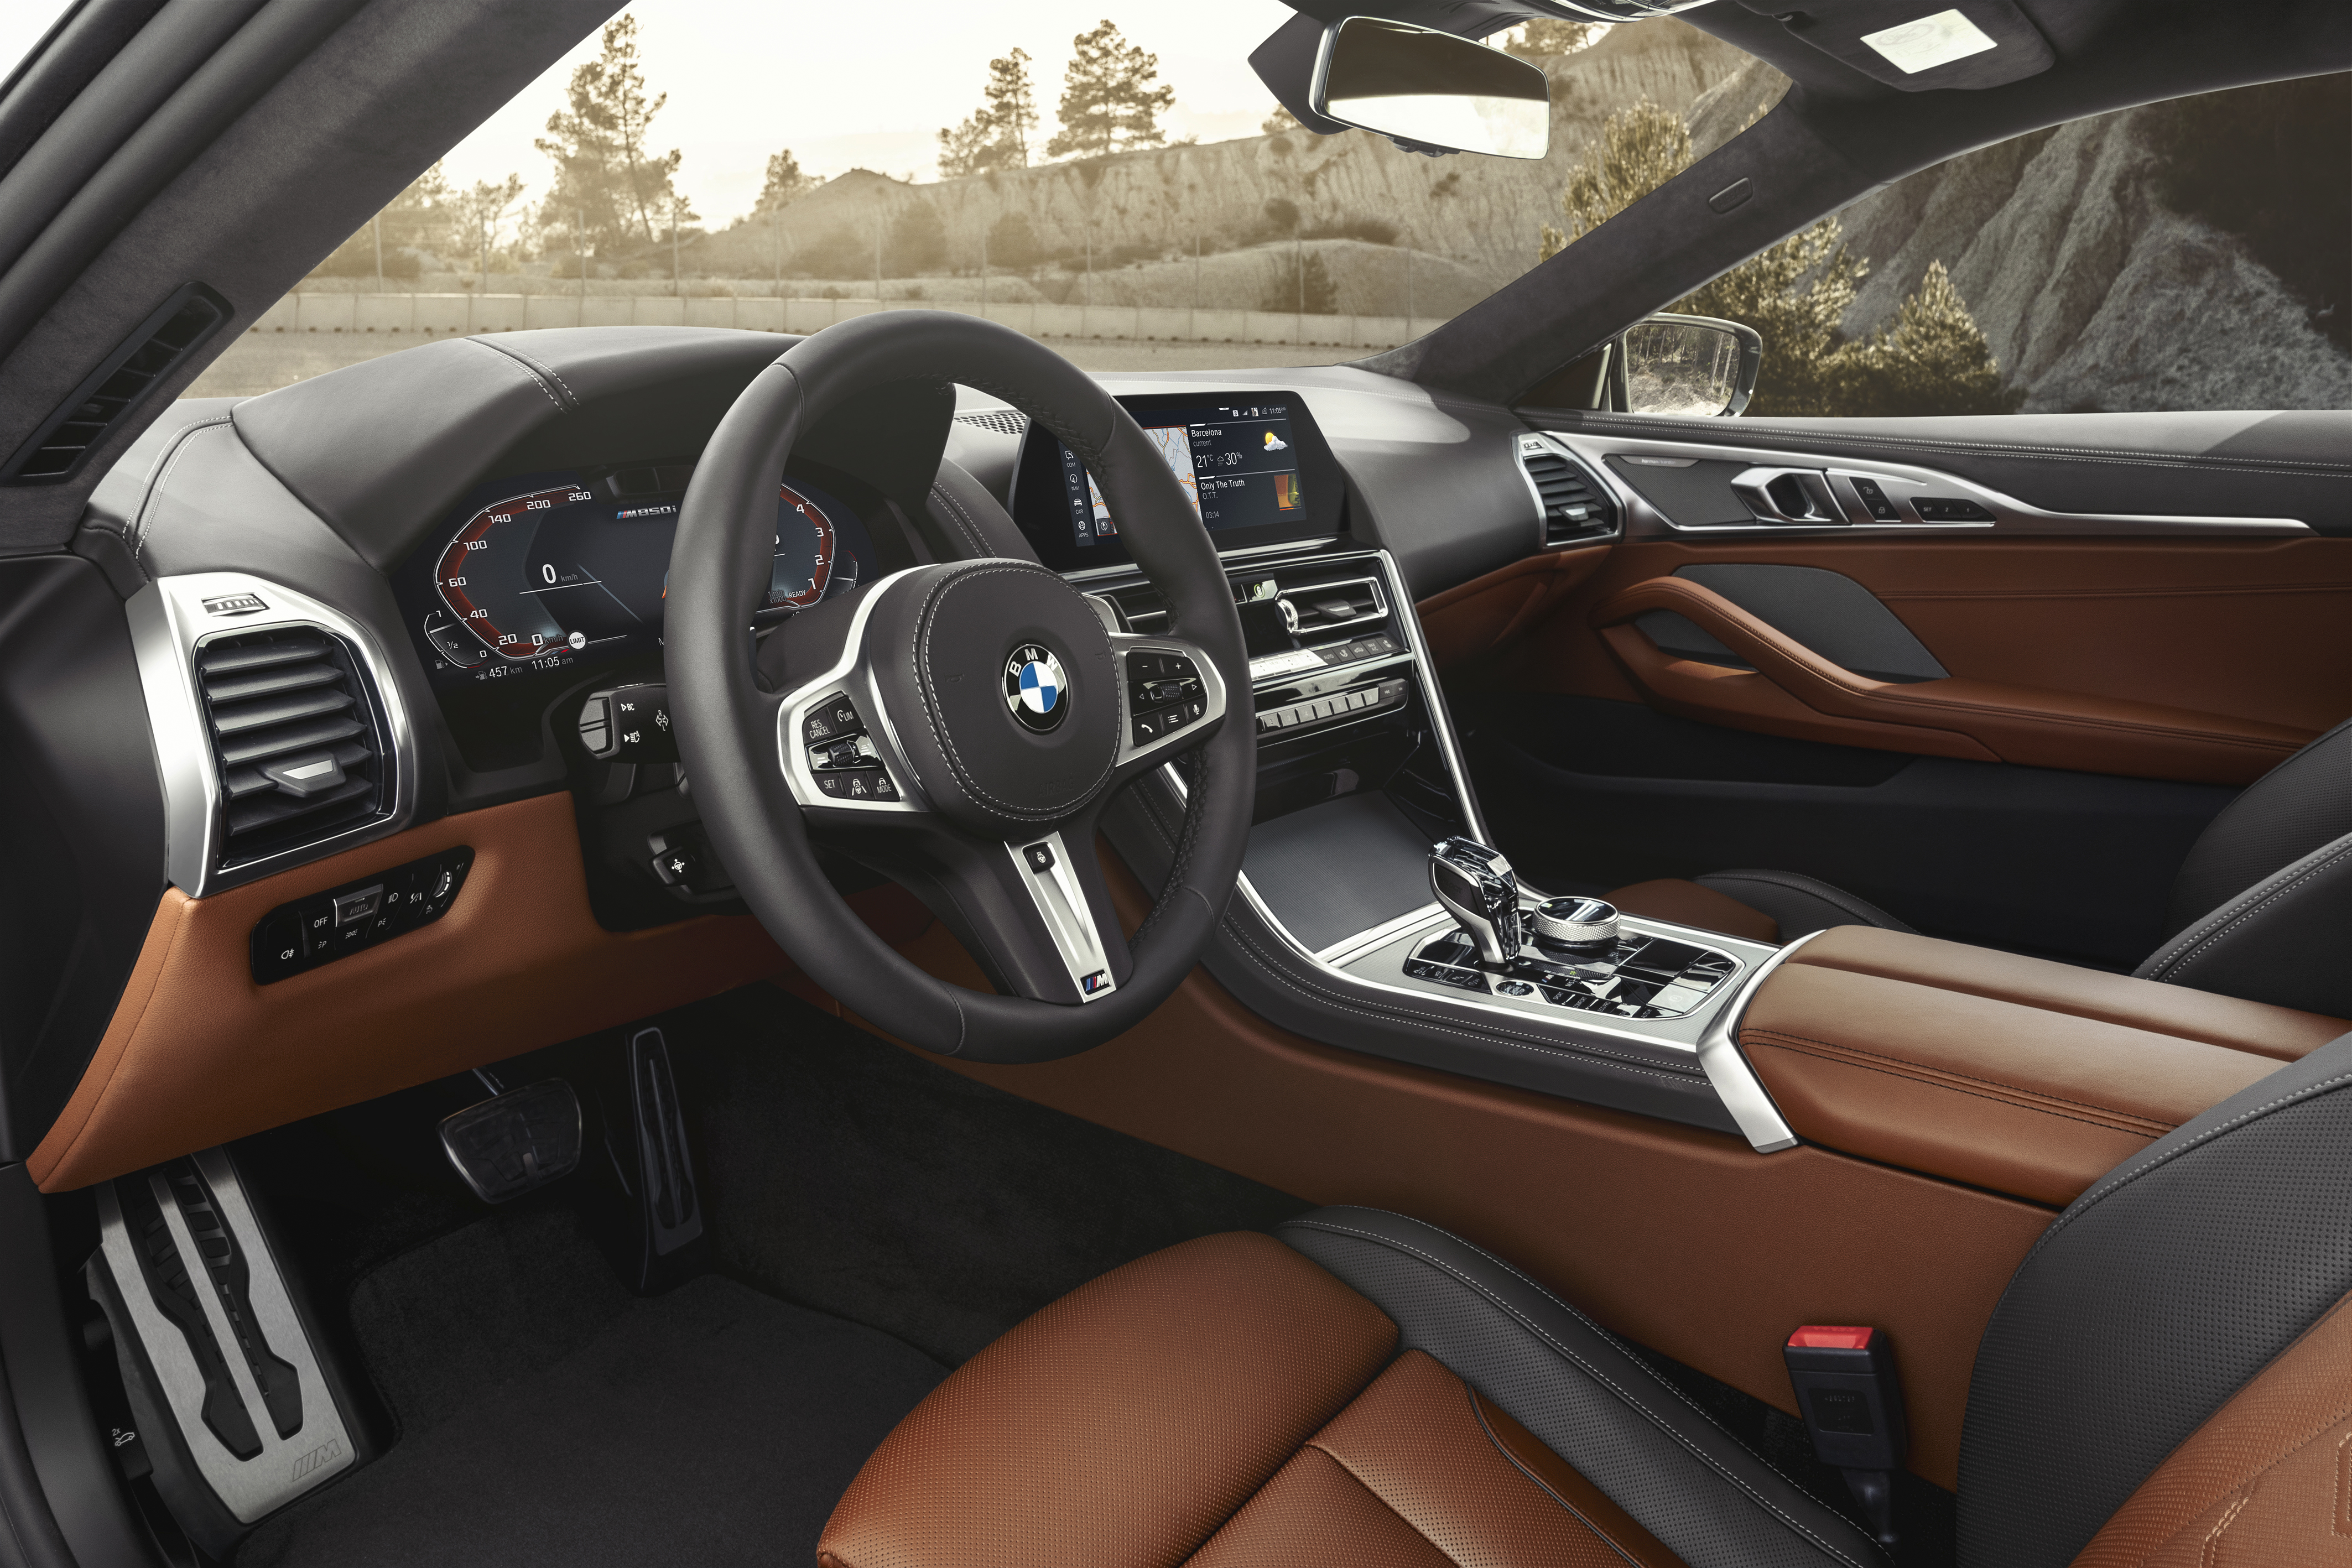 promotor-news-informatii-oficiale-despre-noul-bmw-seria-8-coupe